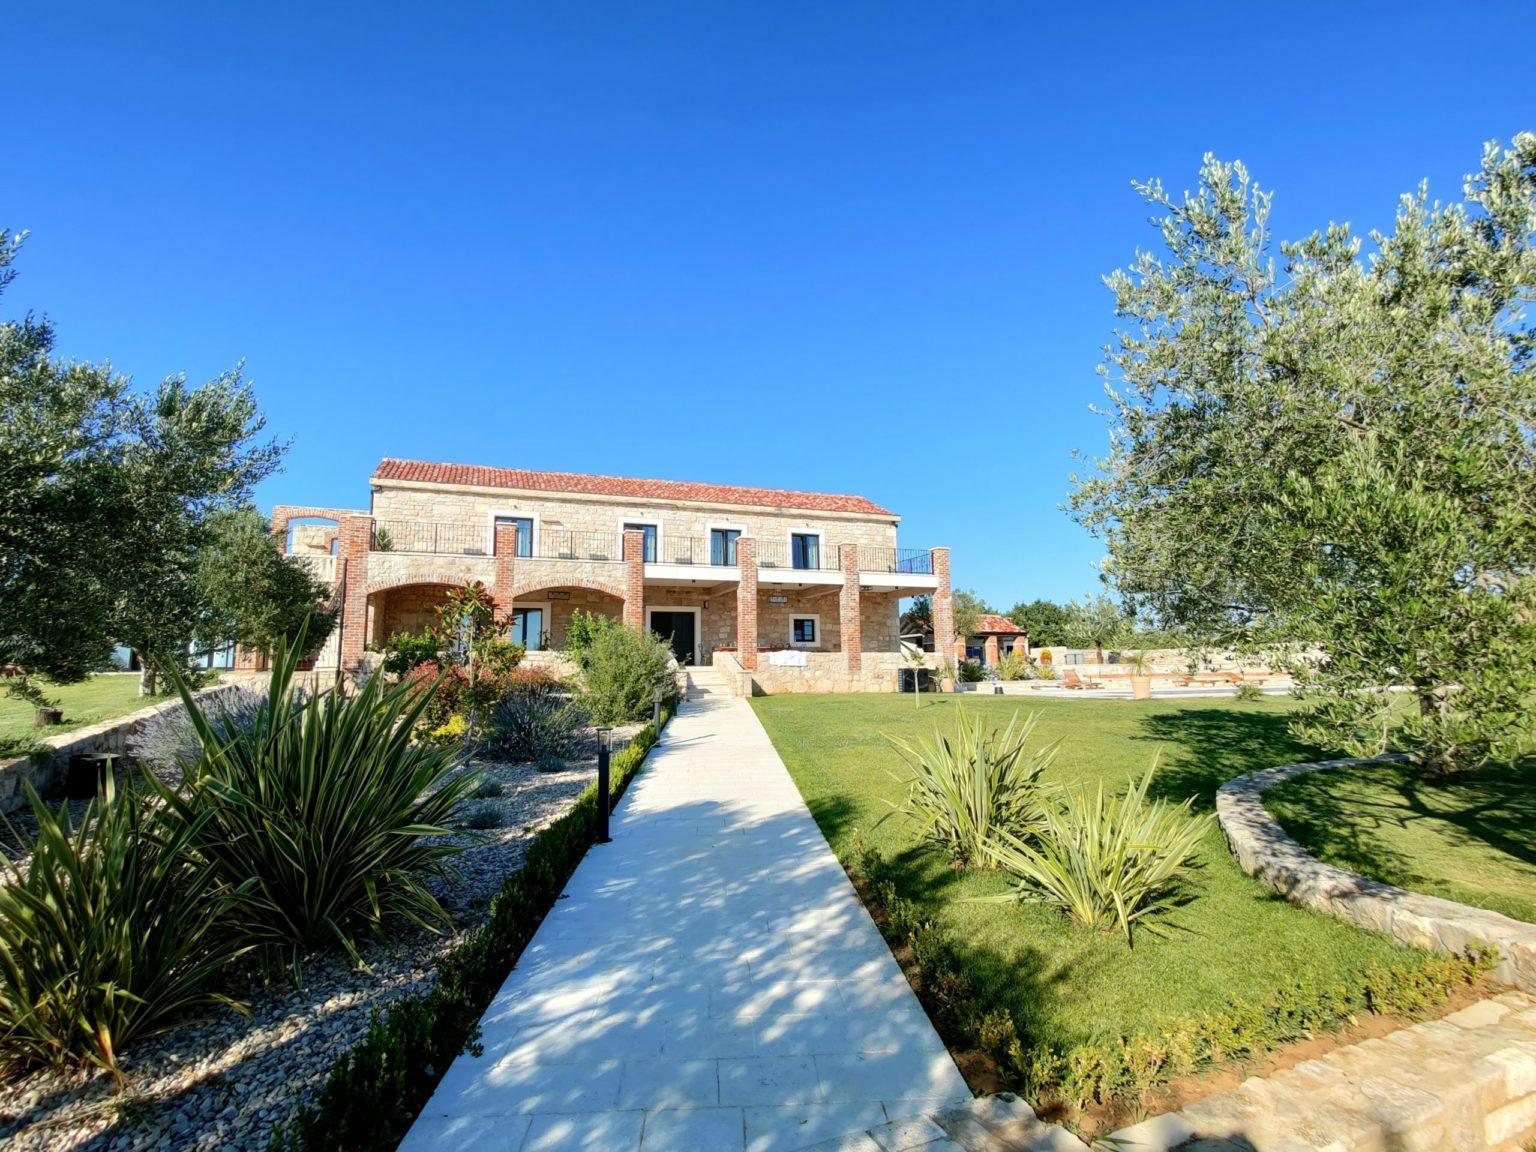 hochzeitslocation Kroatien location hochzeit heiraten 1 9 scaled - Moderne Villa